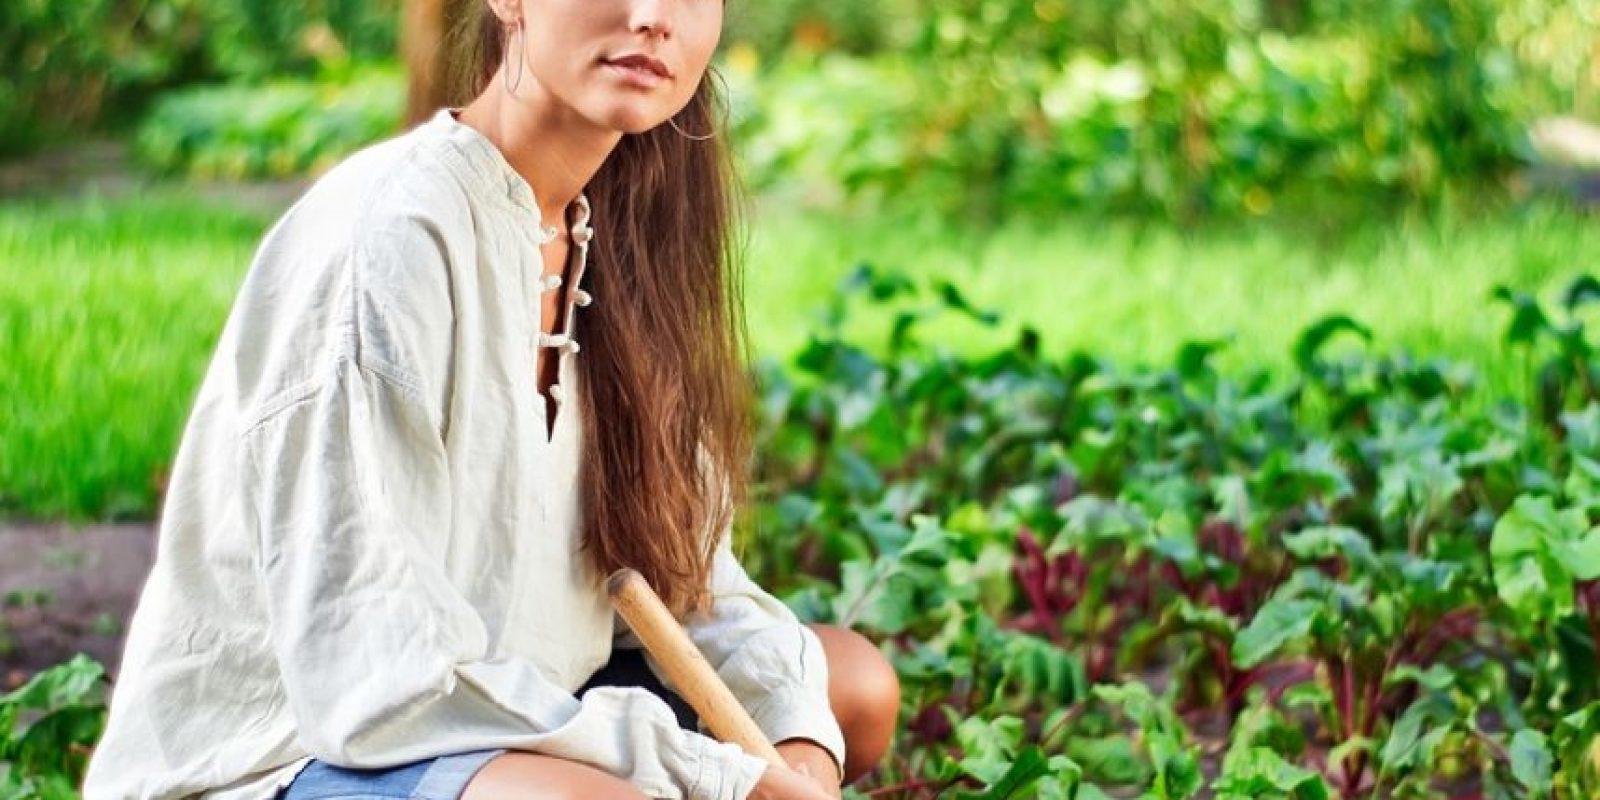 Mueve tu cuerpo trabajando en el jardín. Foto:Fuente externa